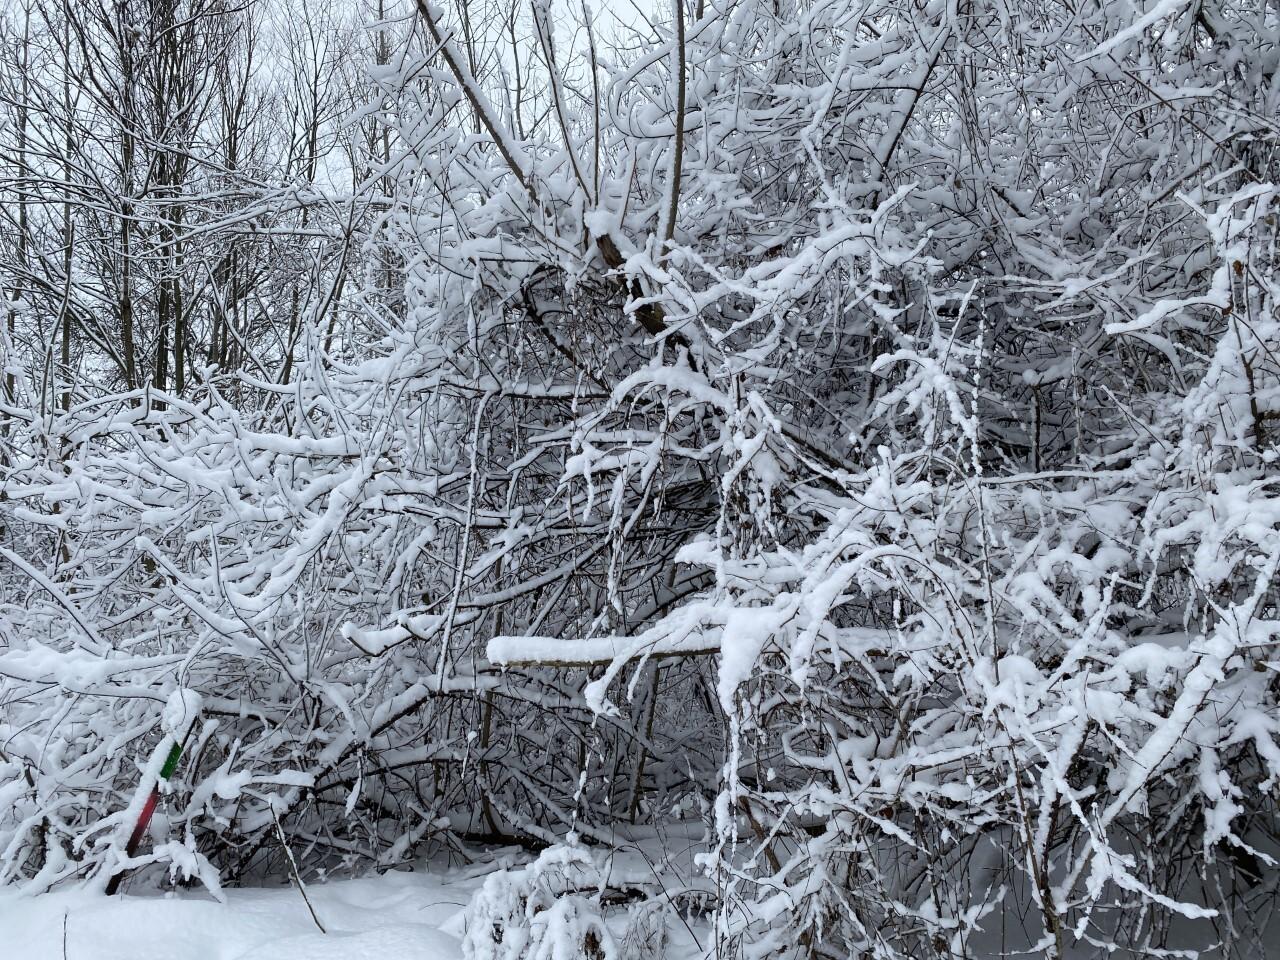 snow on trees 2.jpg